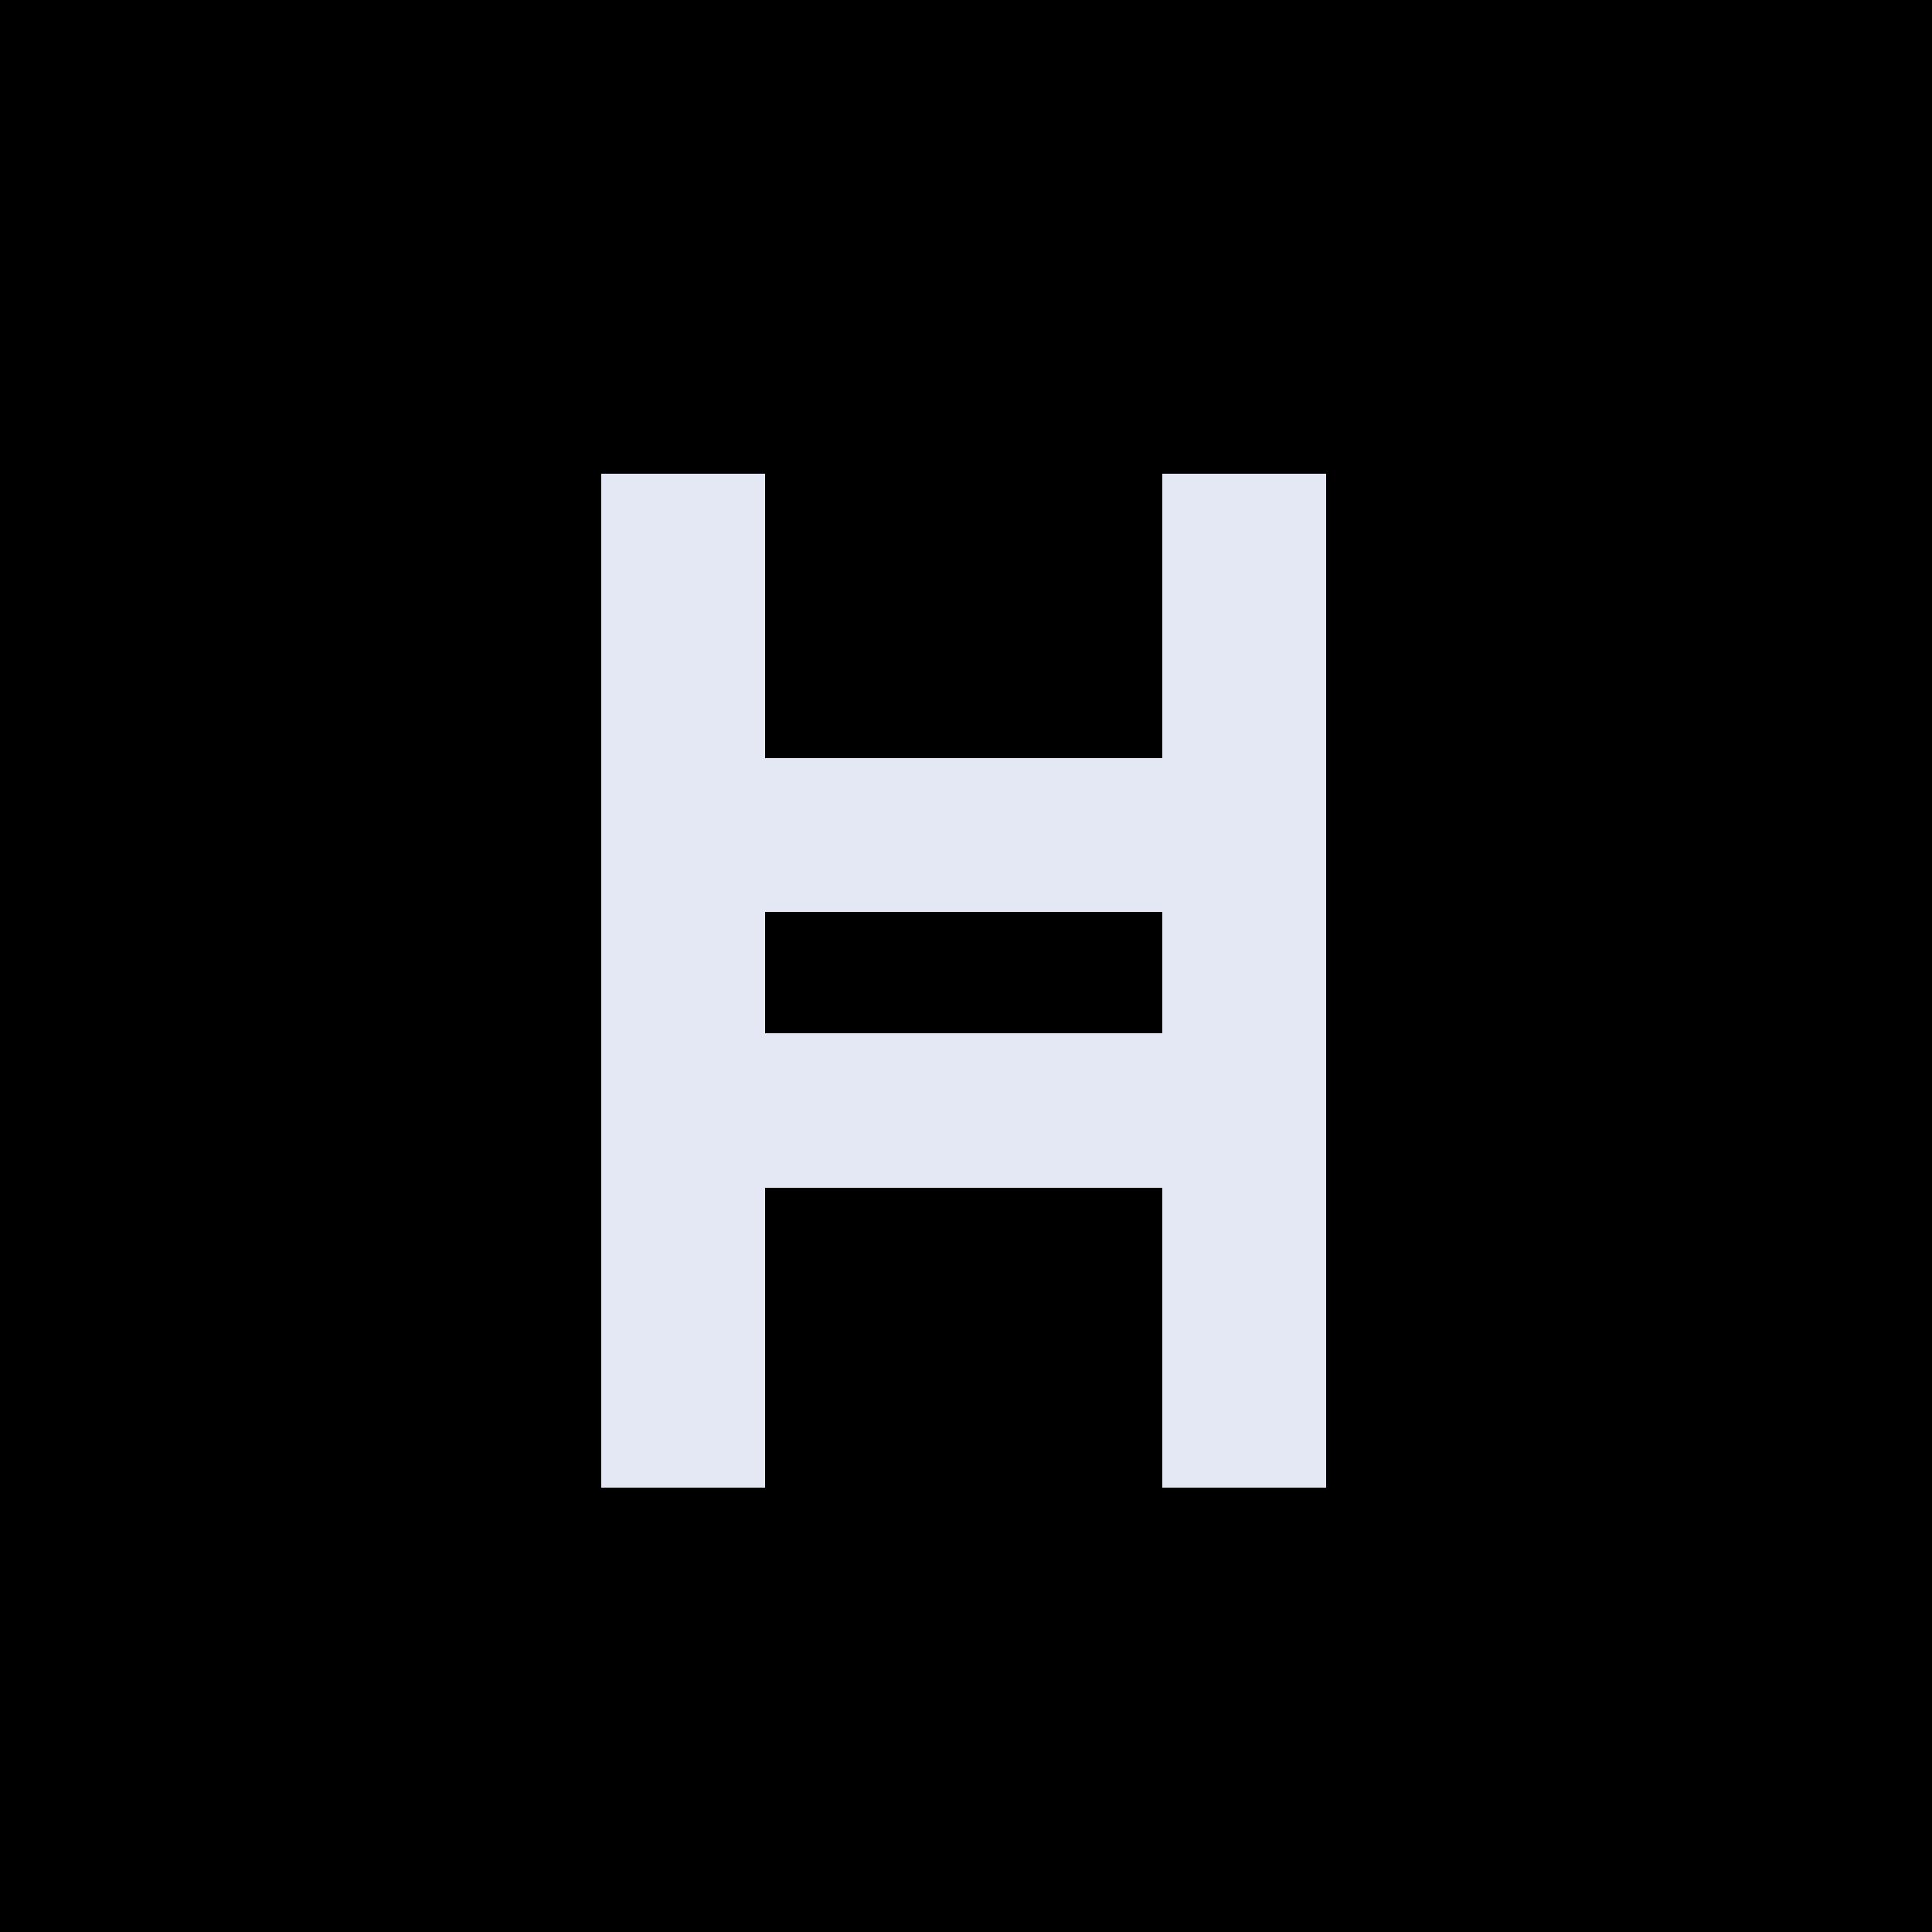 Branding, website, curriculum, training, development, and launch support for Heighten — a digital academy. -